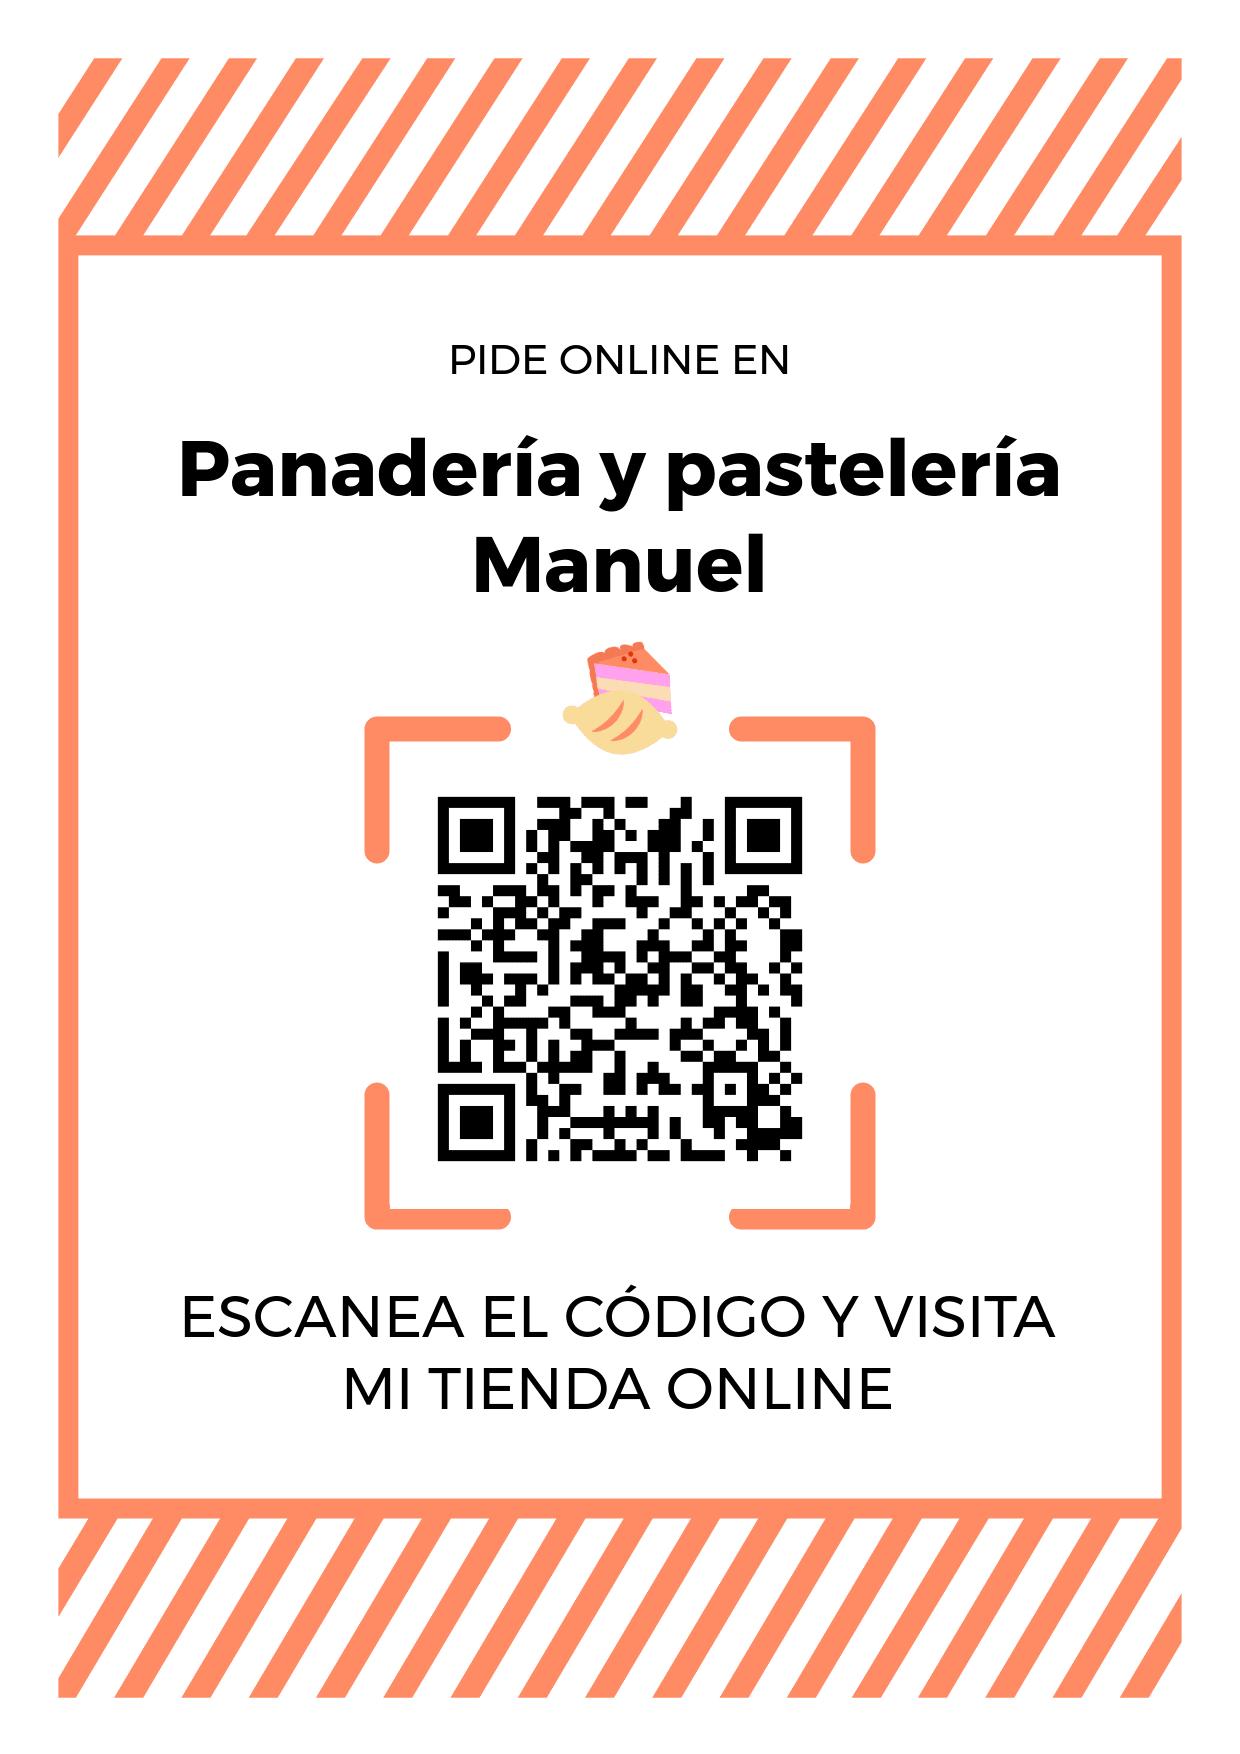 Cartel Póster de Código QR para tienda de Panadería y pastelería